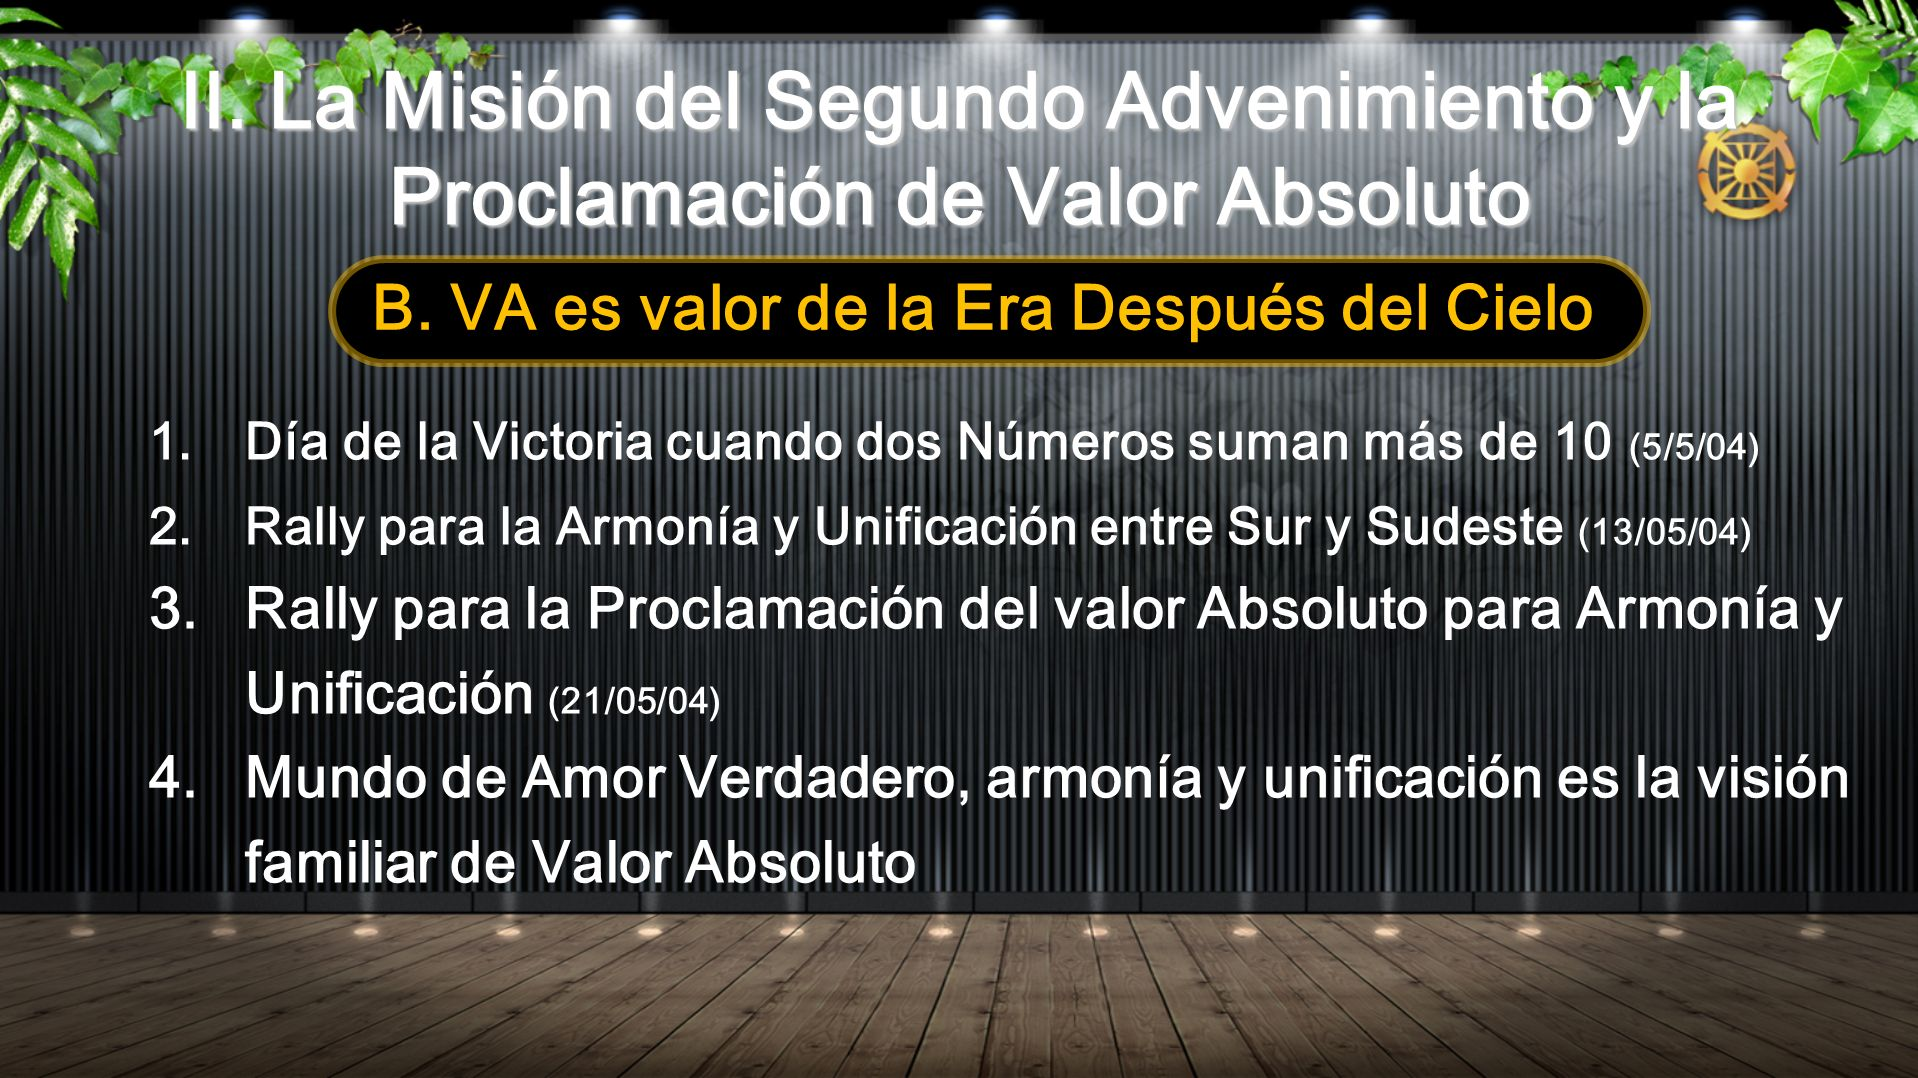 B.Aplicación de Valor Absoluto 1. El Valor Absoluto es el valor central de la IU 2.